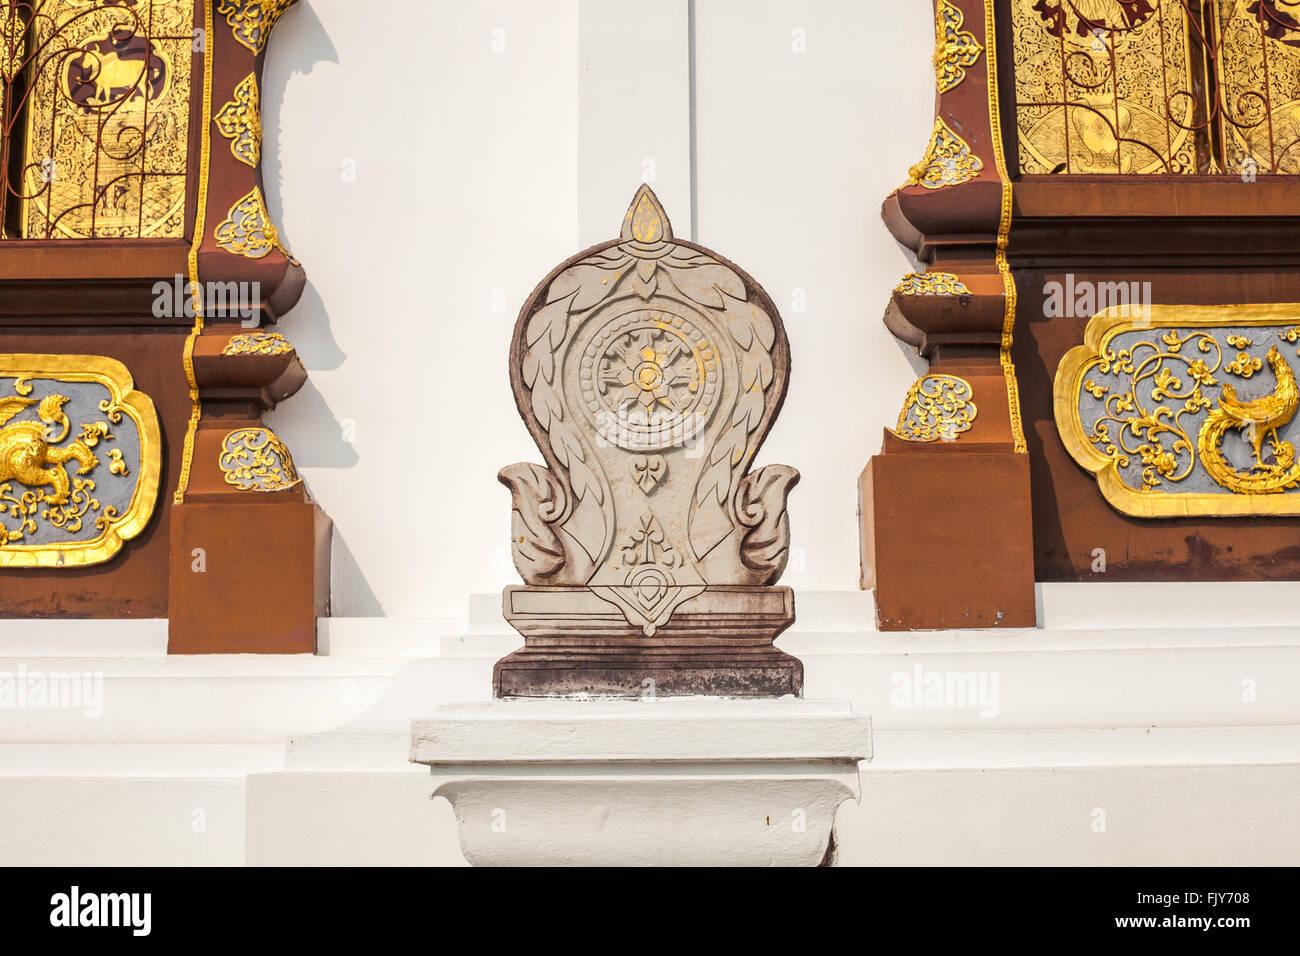 La SEMA, symbole du Bouddhisme Église historique Banque D'Images